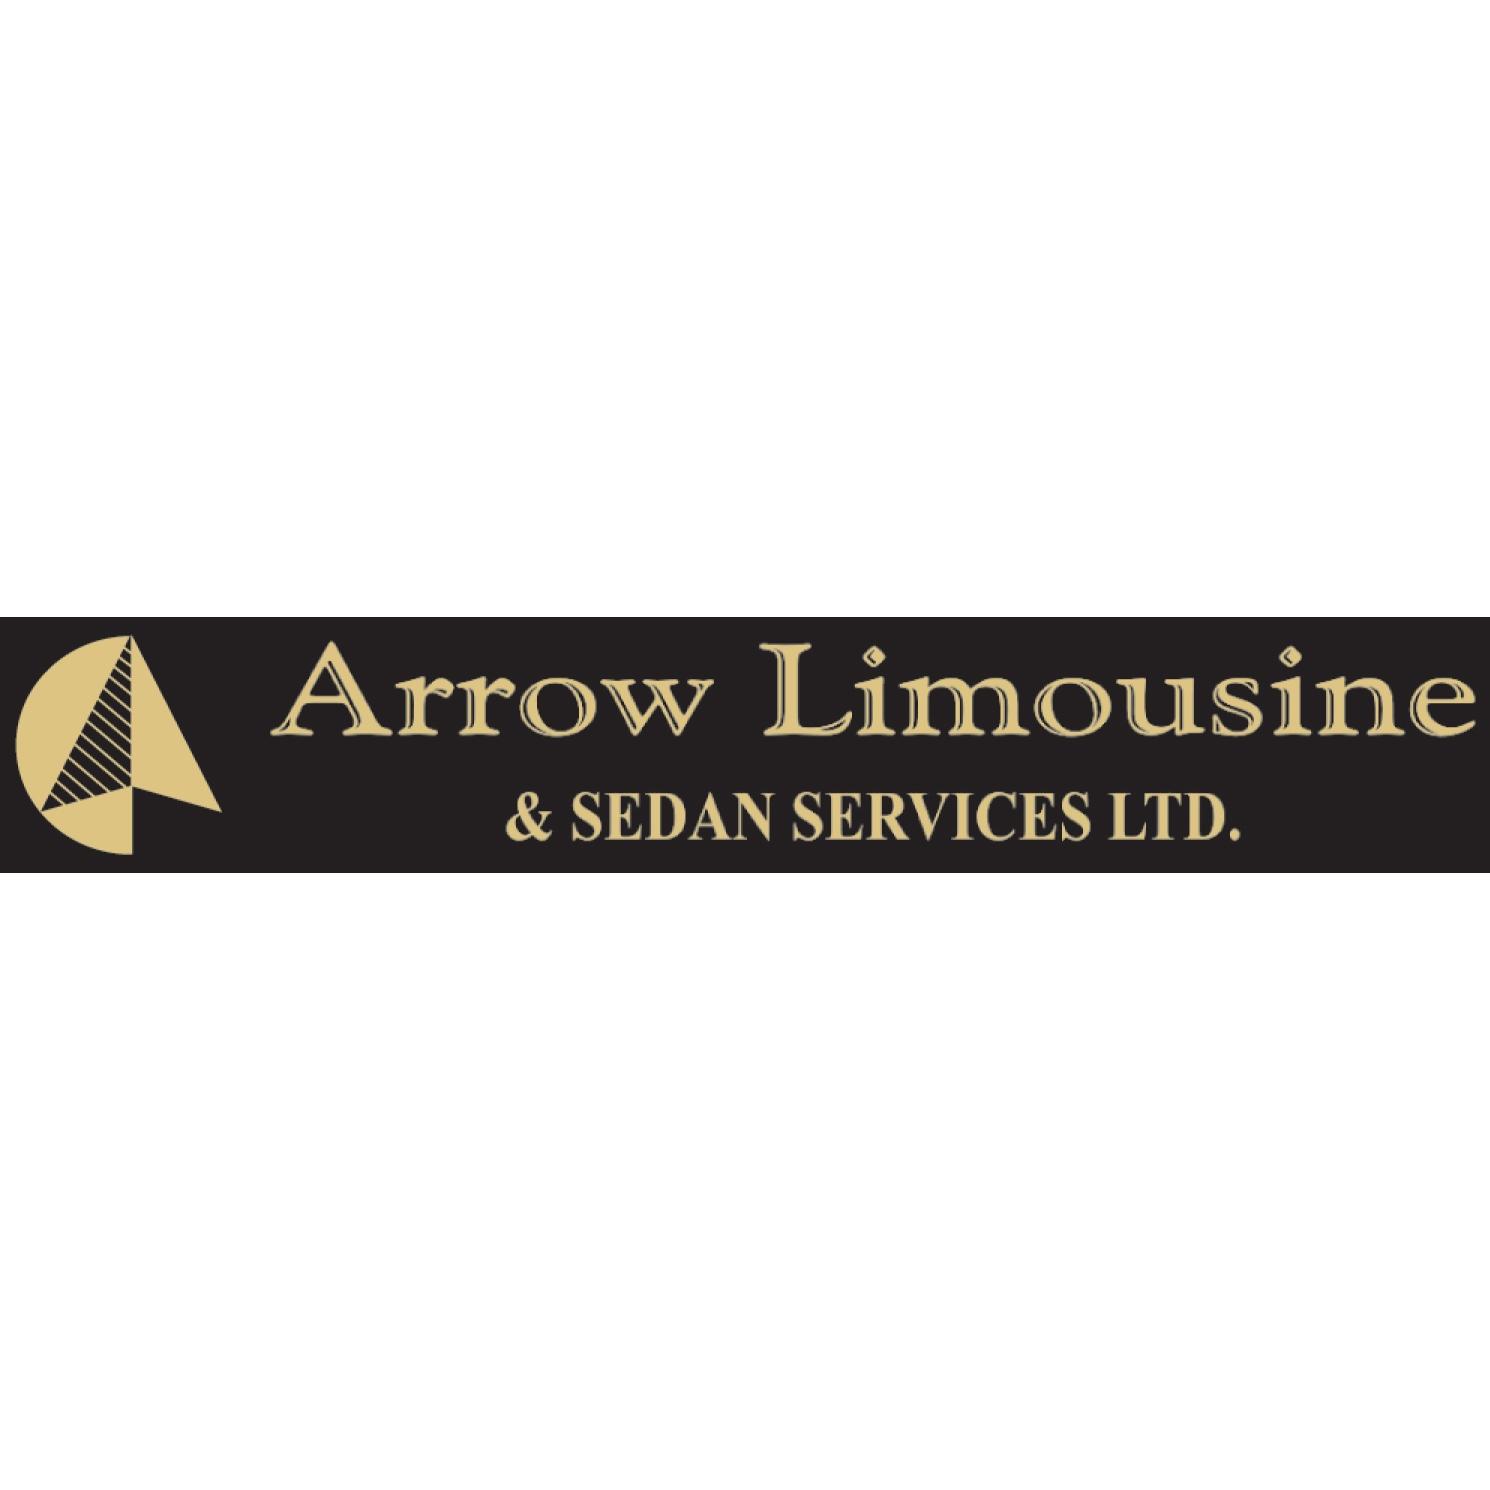 Arrow Limousine & Sedan Services